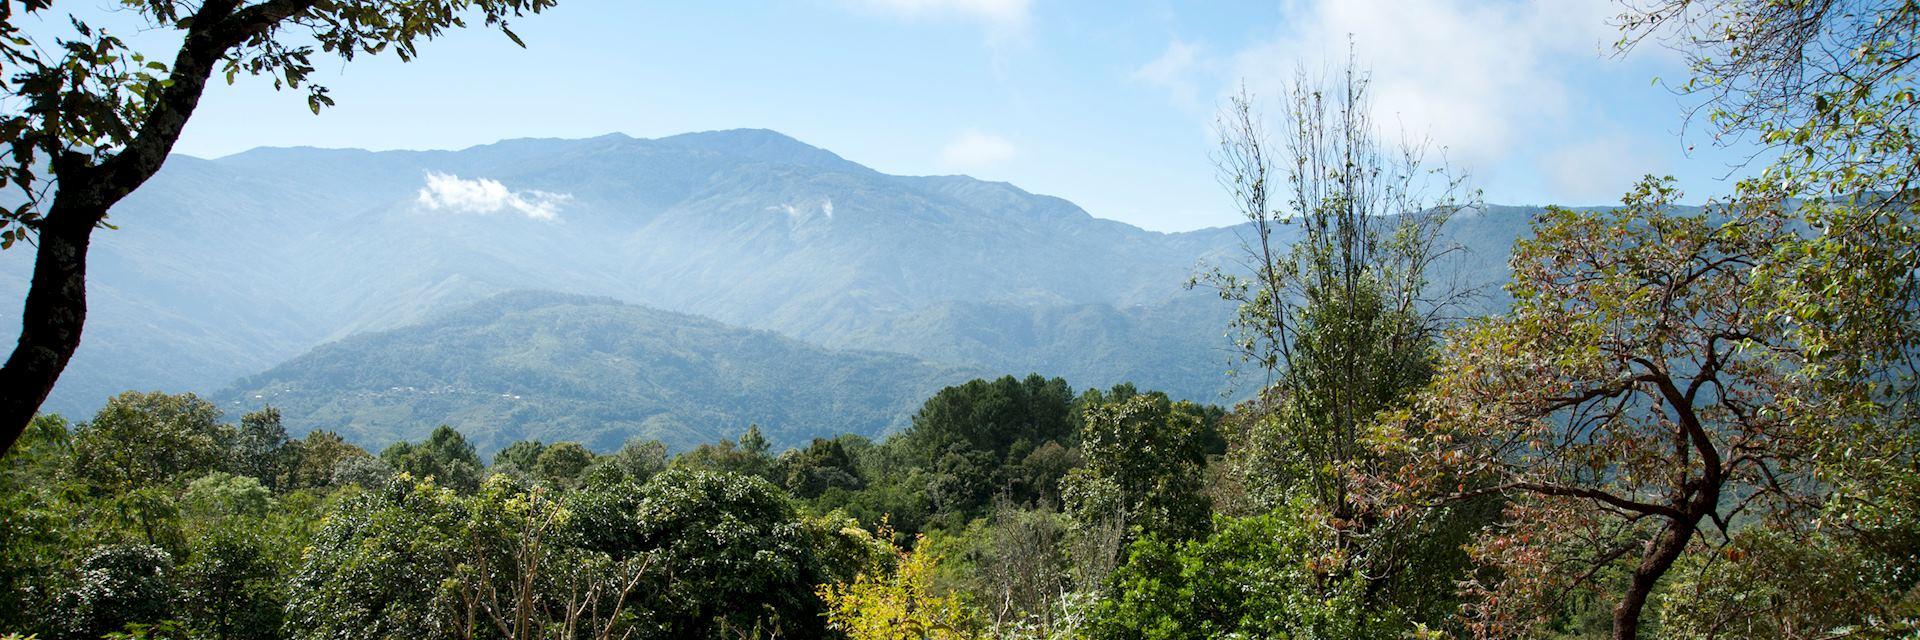 Chin Mountains, Kanpetlet